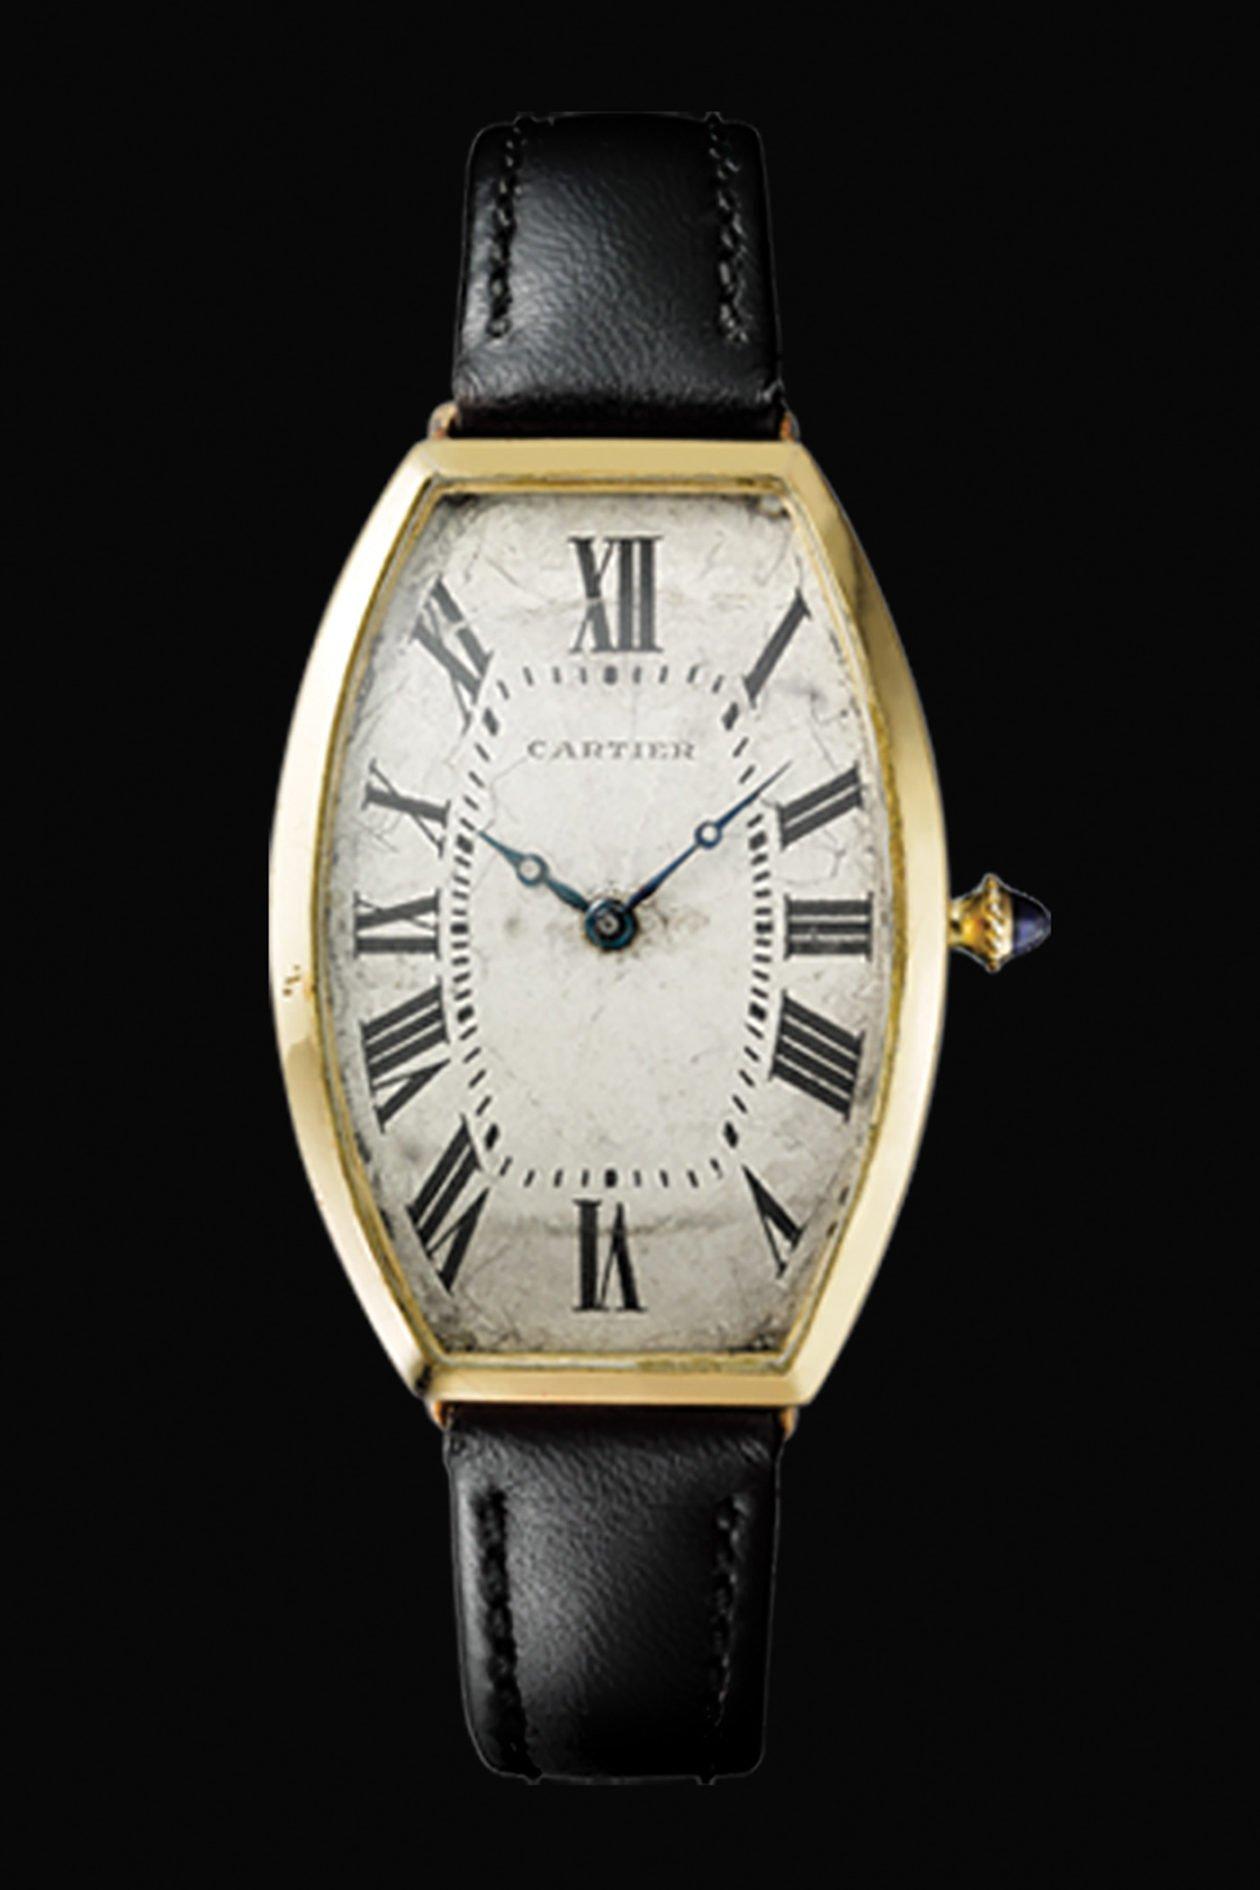 Cartier Tonneau z 1908 roku